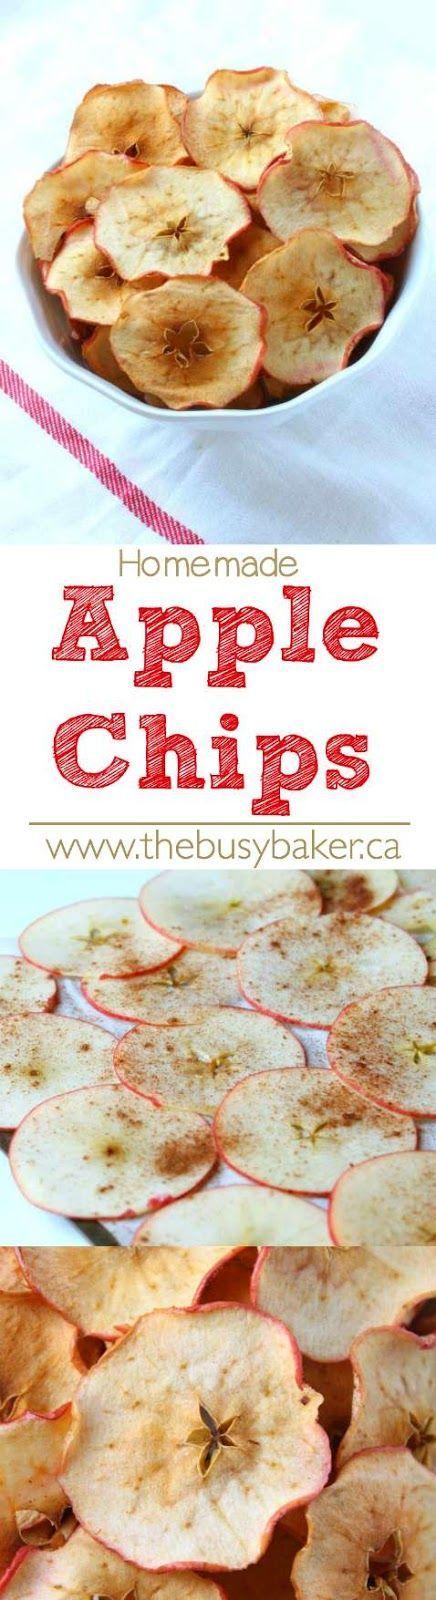 The Busy Baker: Homemade Apple Chips